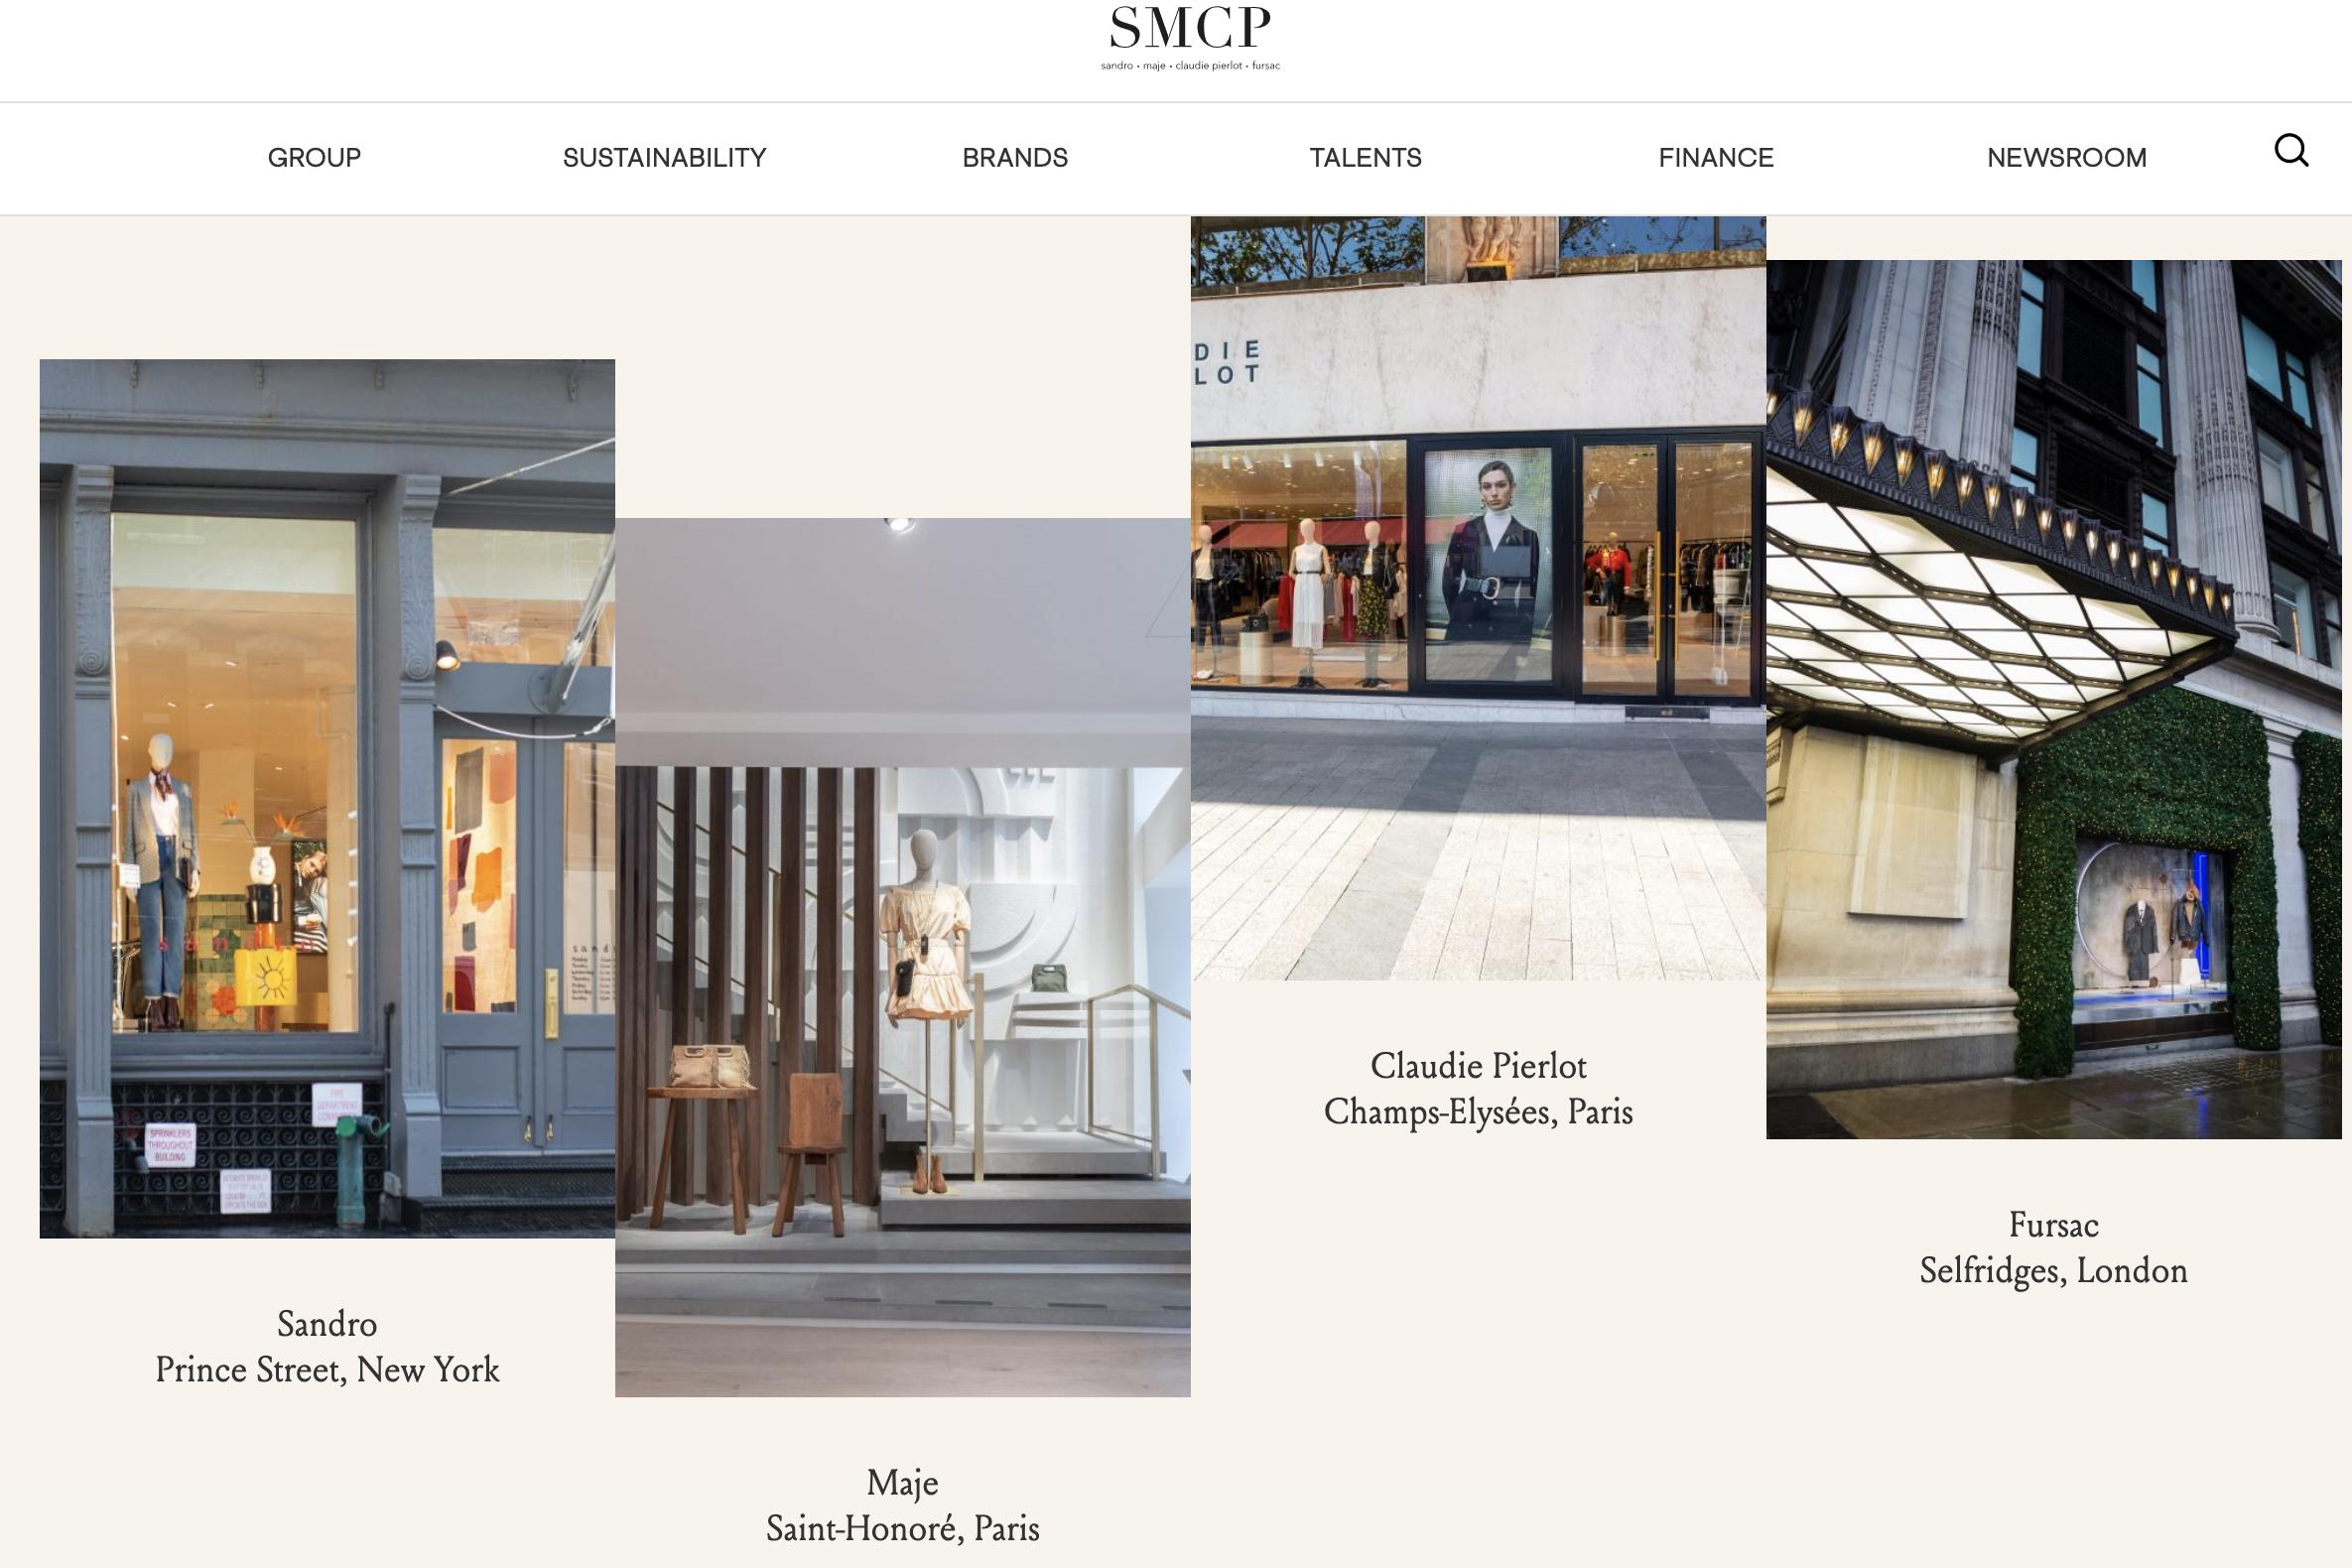 山东如意确认将退出法国时尚集团 SMCP,谁将成为新主人?